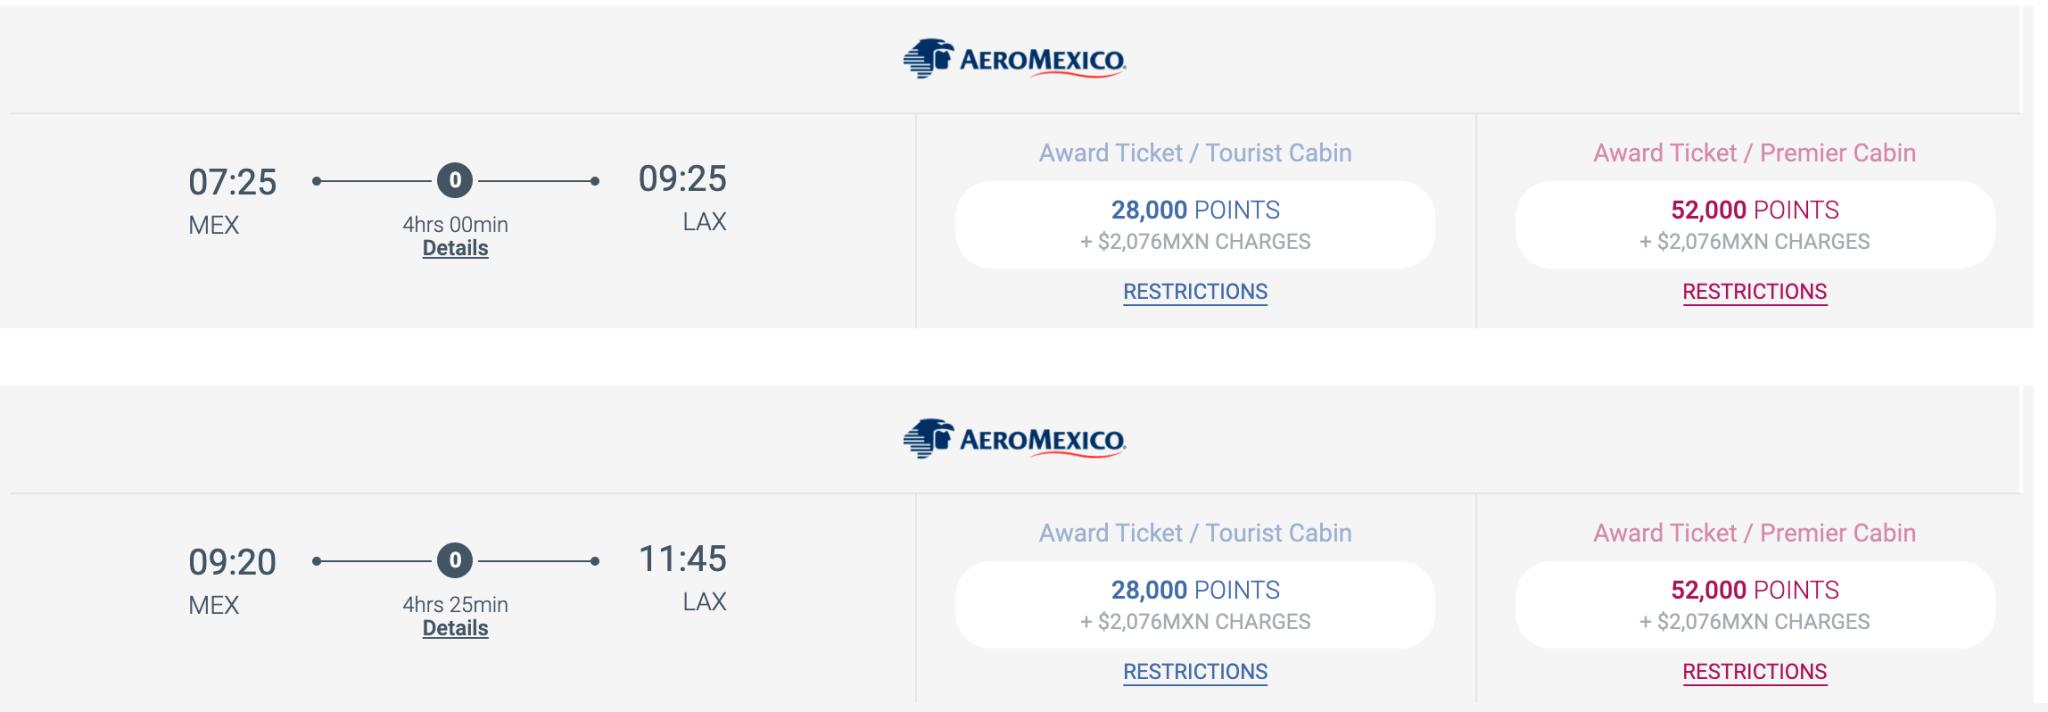 Photo courtesy of Aeromexico